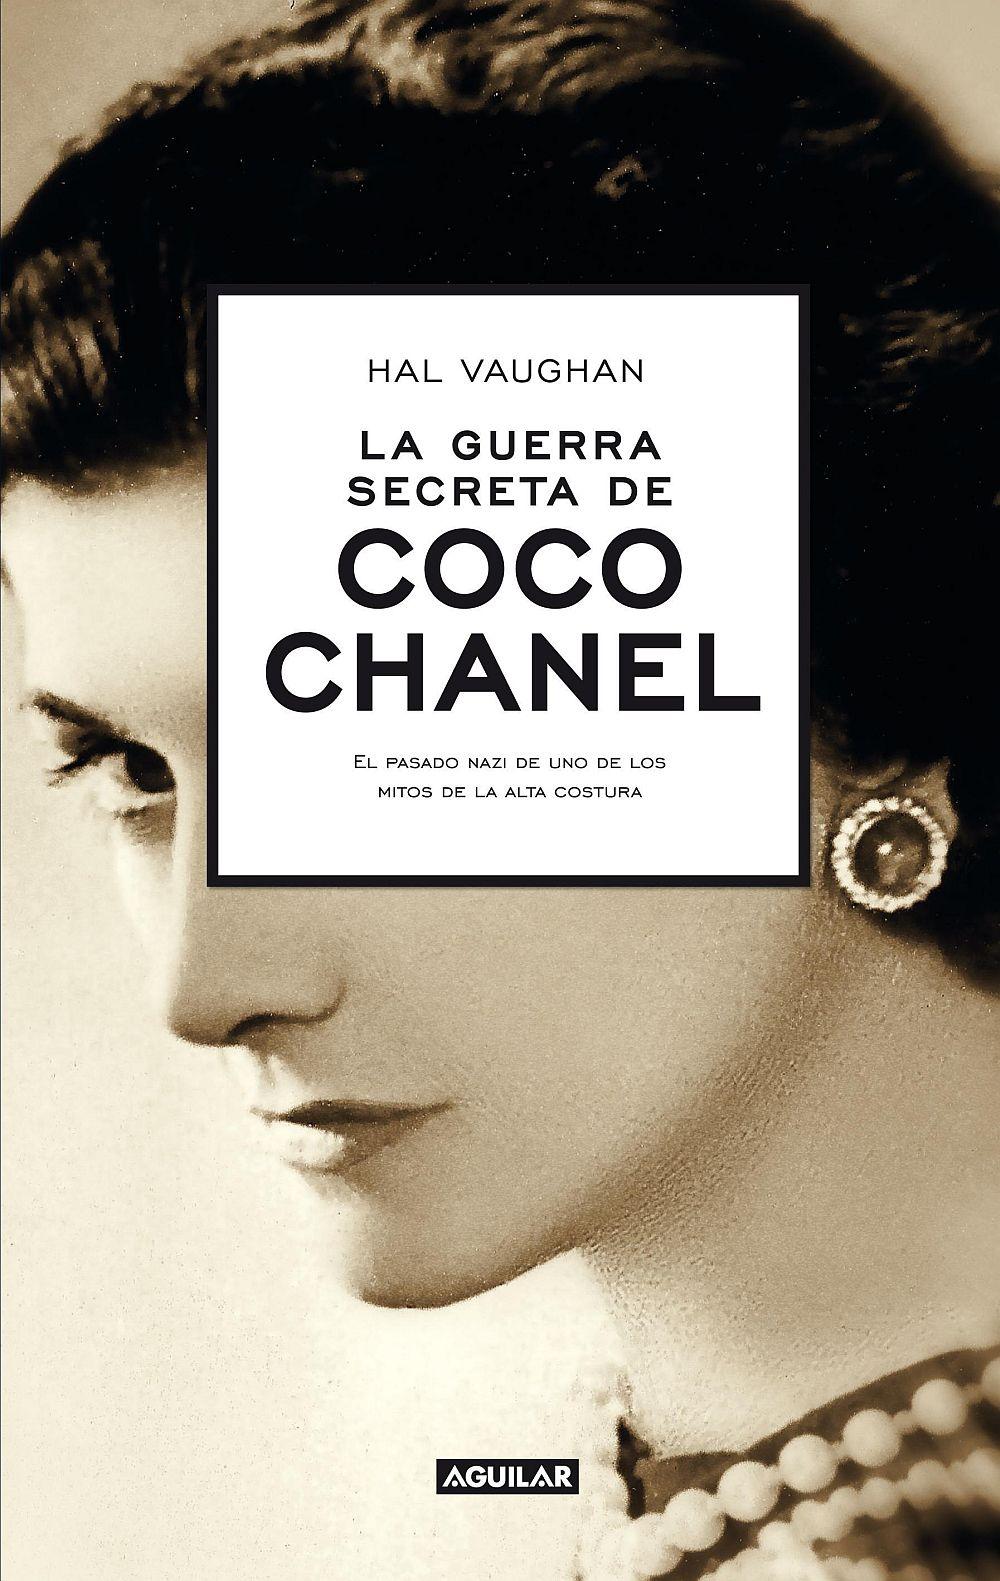 La guerra secreta de Coco Chanel